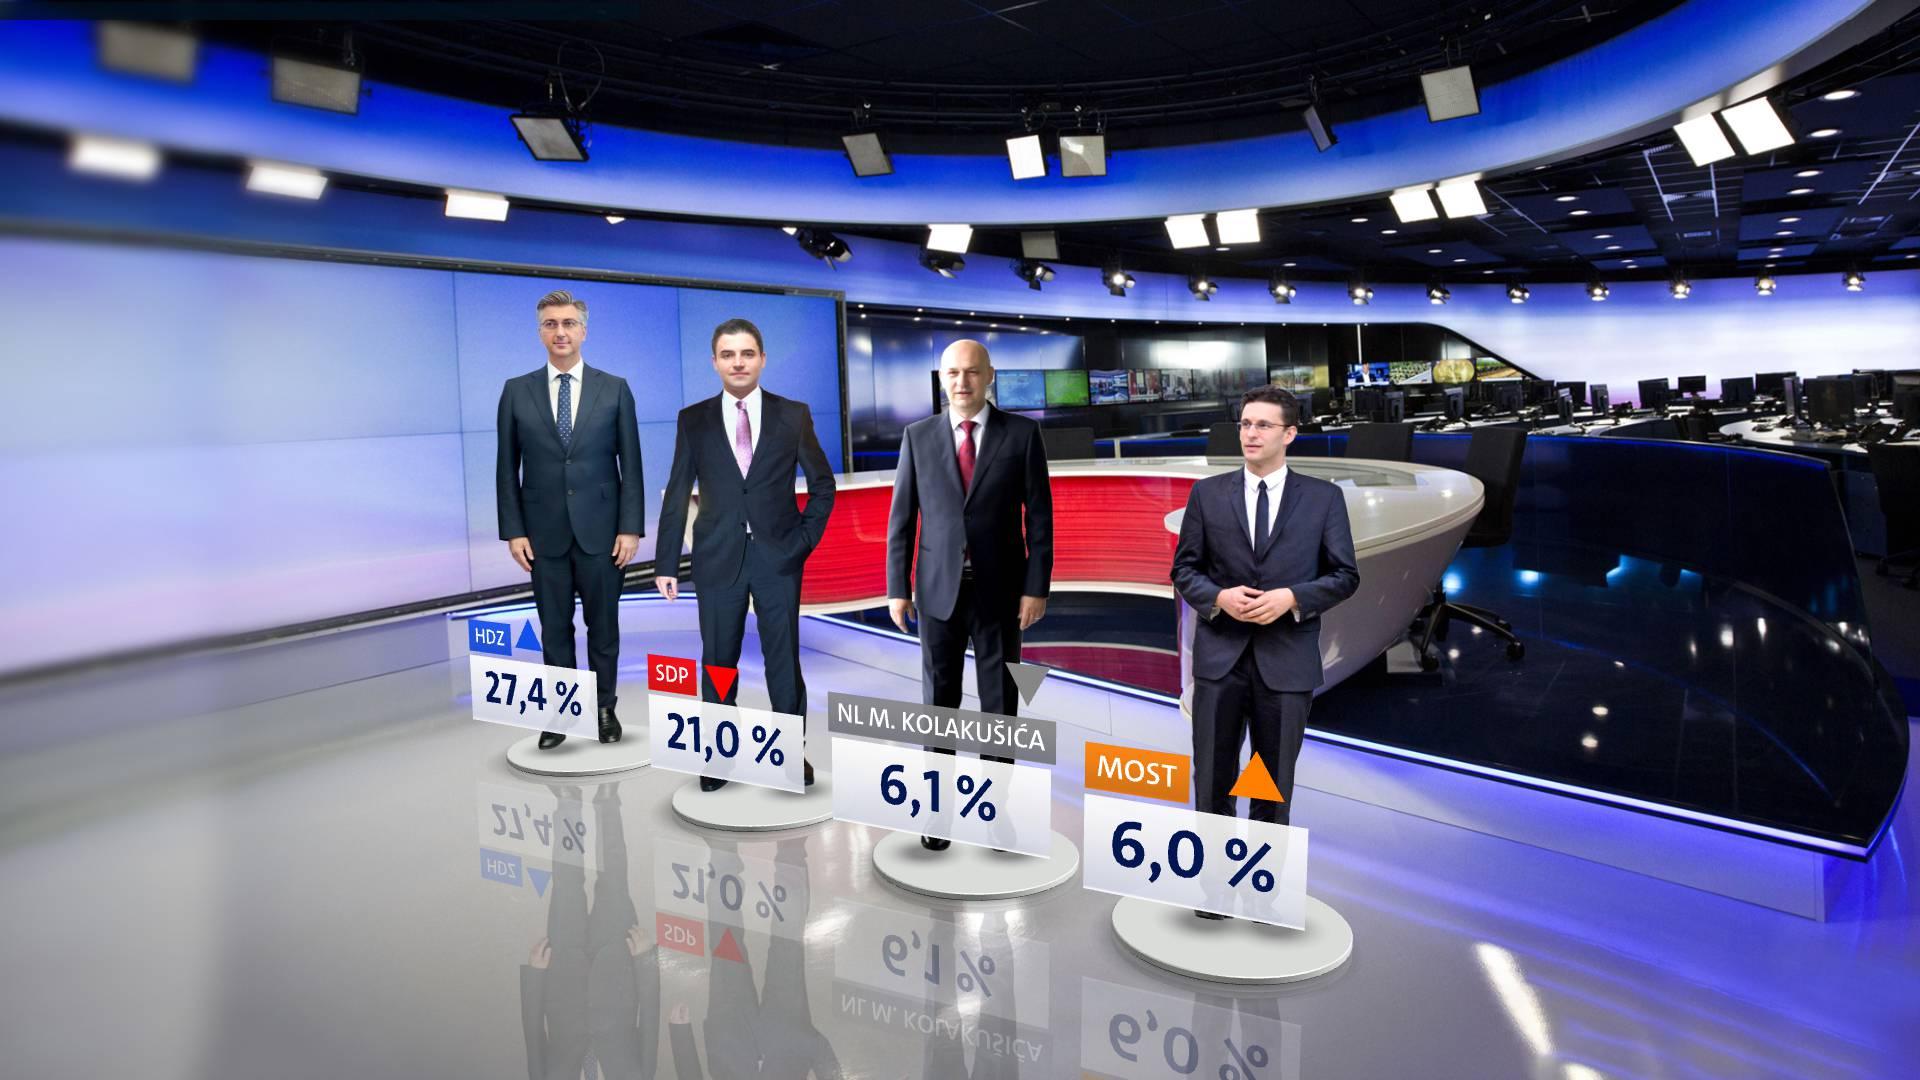 Crobarometar: HDZ zaustavio pad, a ostale stranke ne rastu